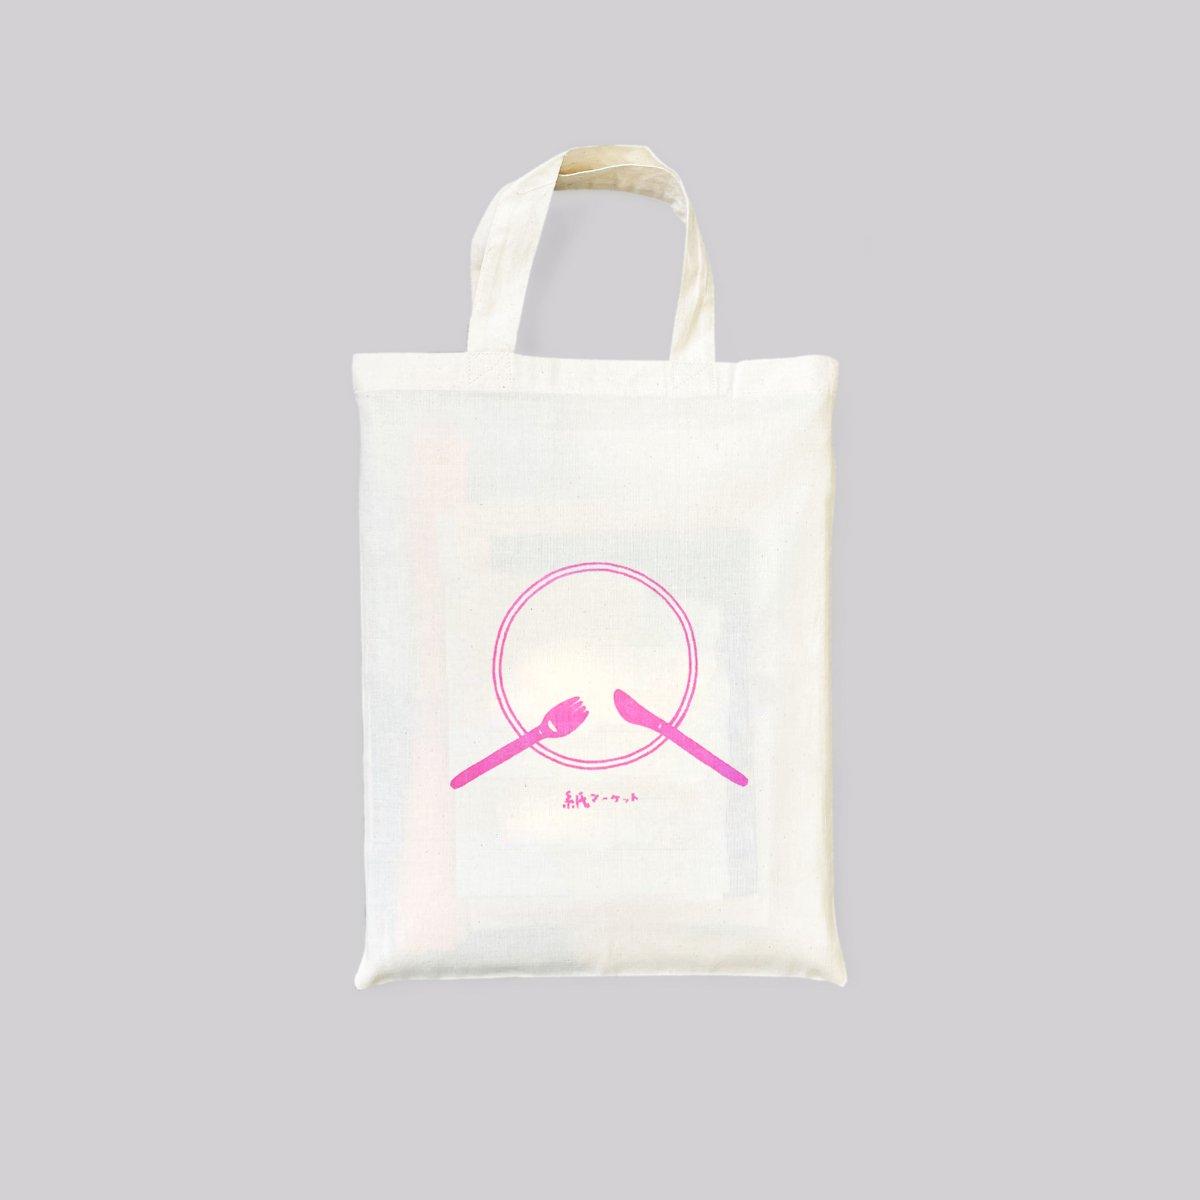 【数量限定!】 紙福袋